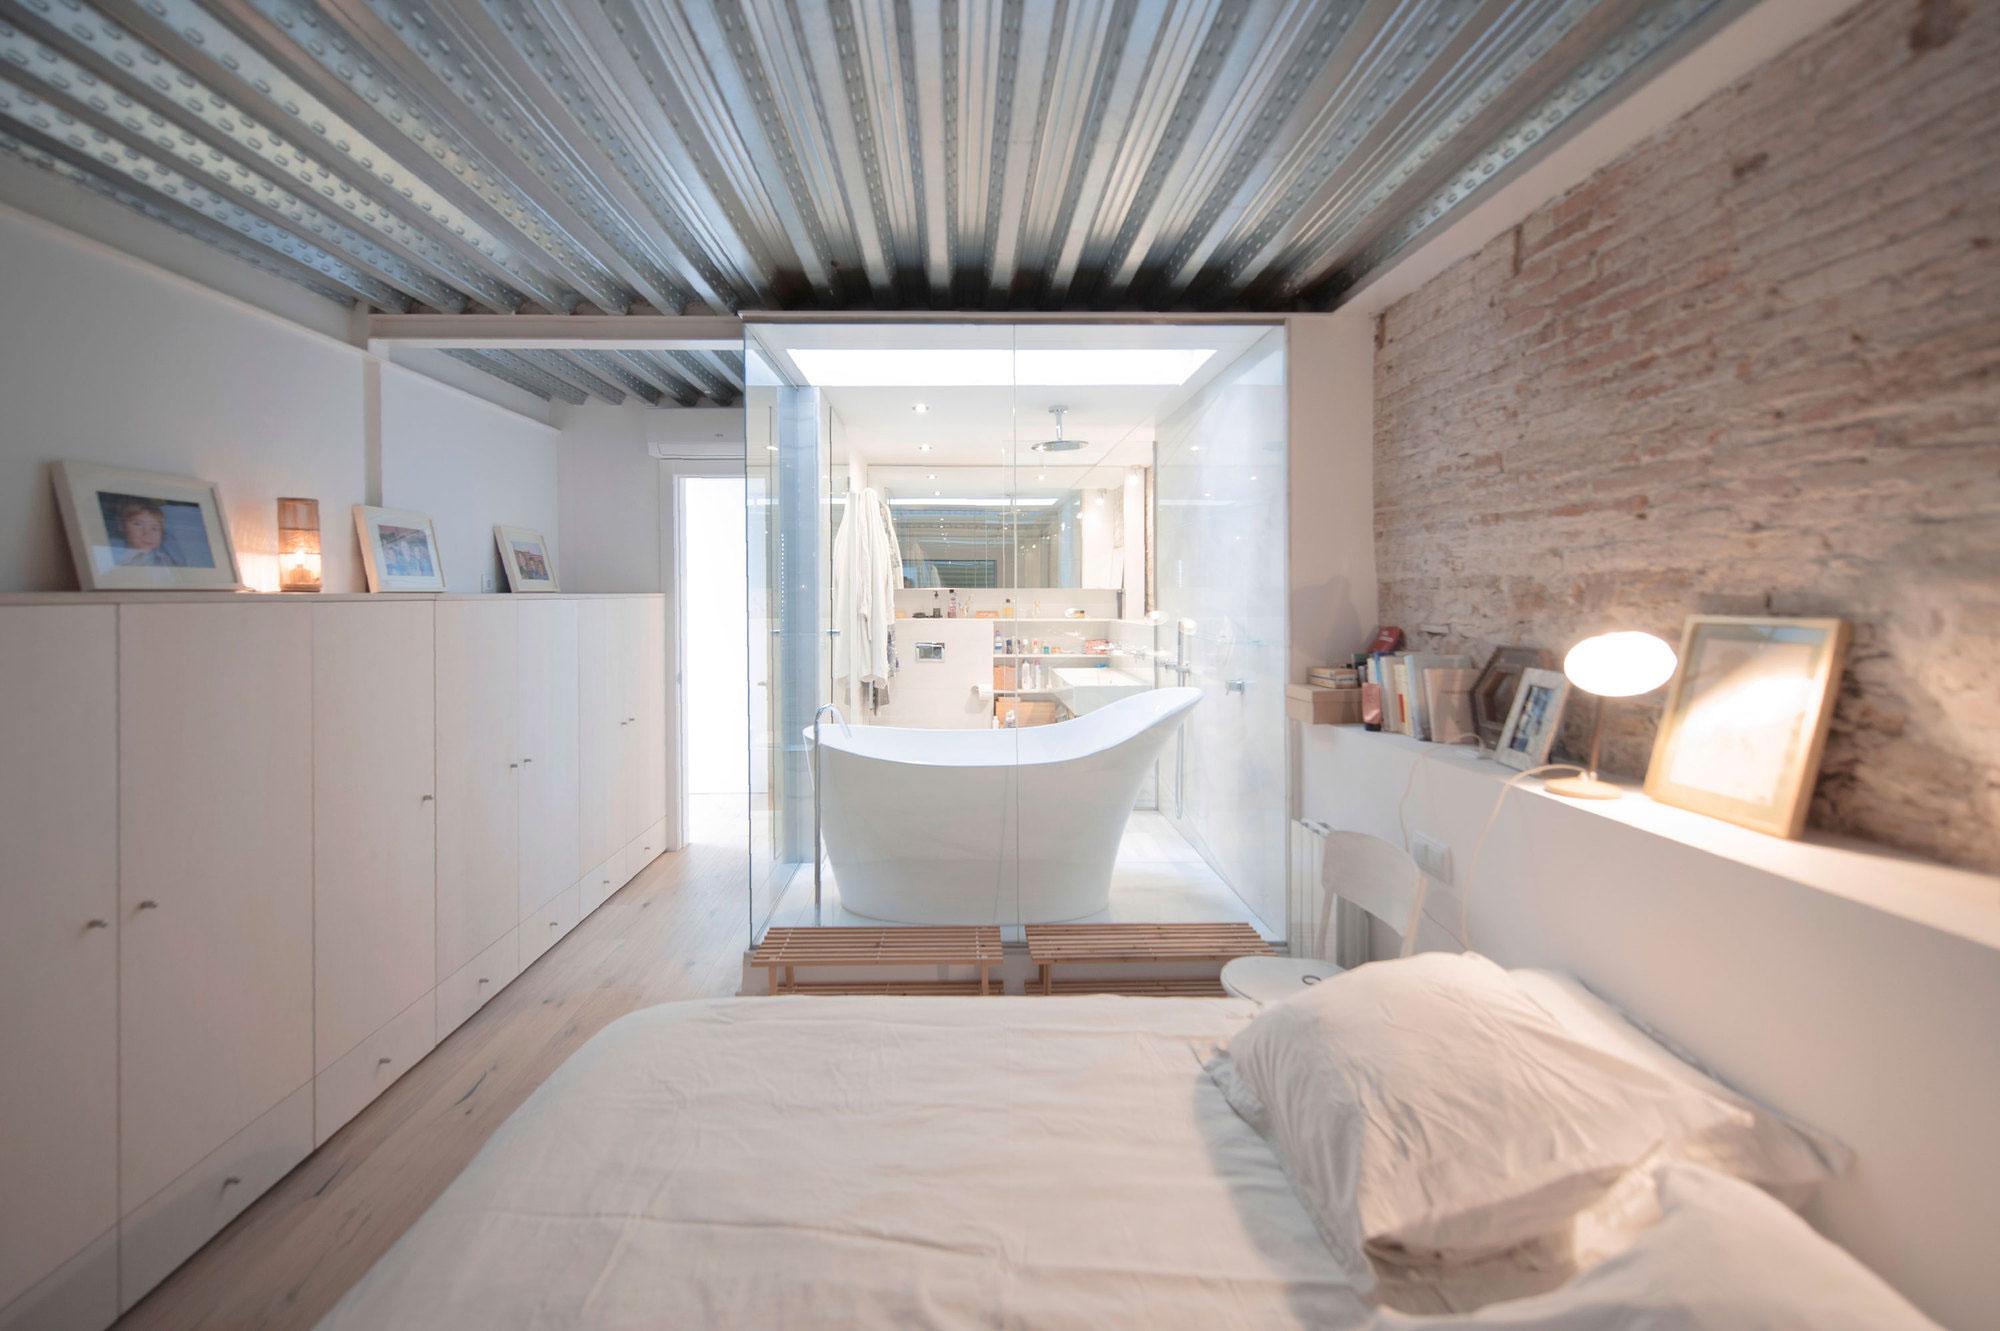 Gracia home in Barcelona by Lluís Corbella & Marc Mazeres-15